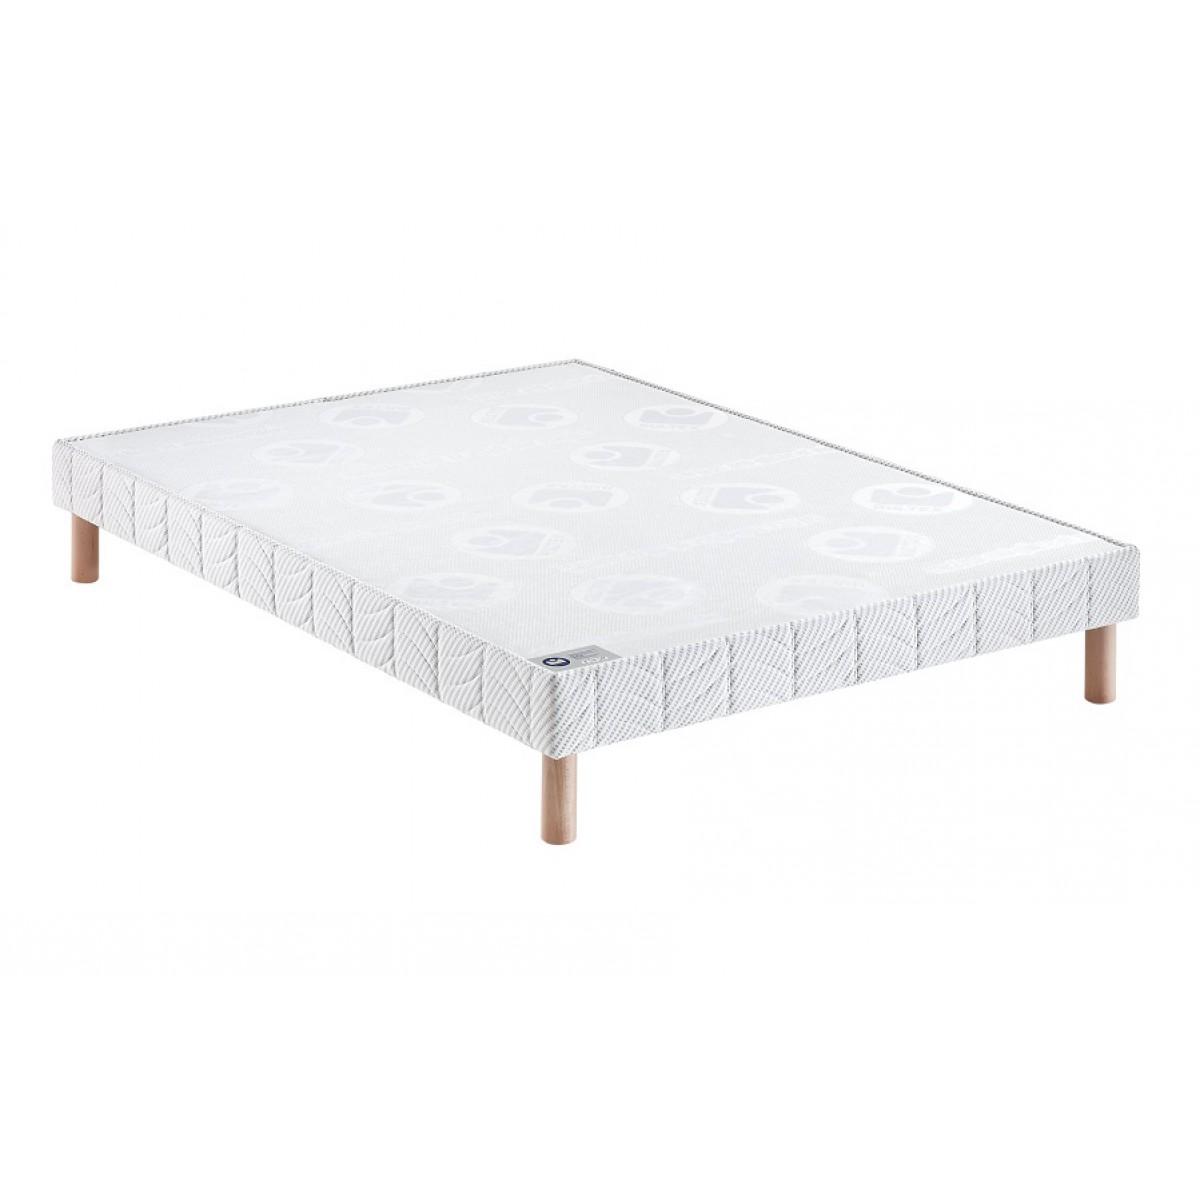 Bultex sommier tapissier confort ferme pieds 150x190 - Pieds sommier bultex ...